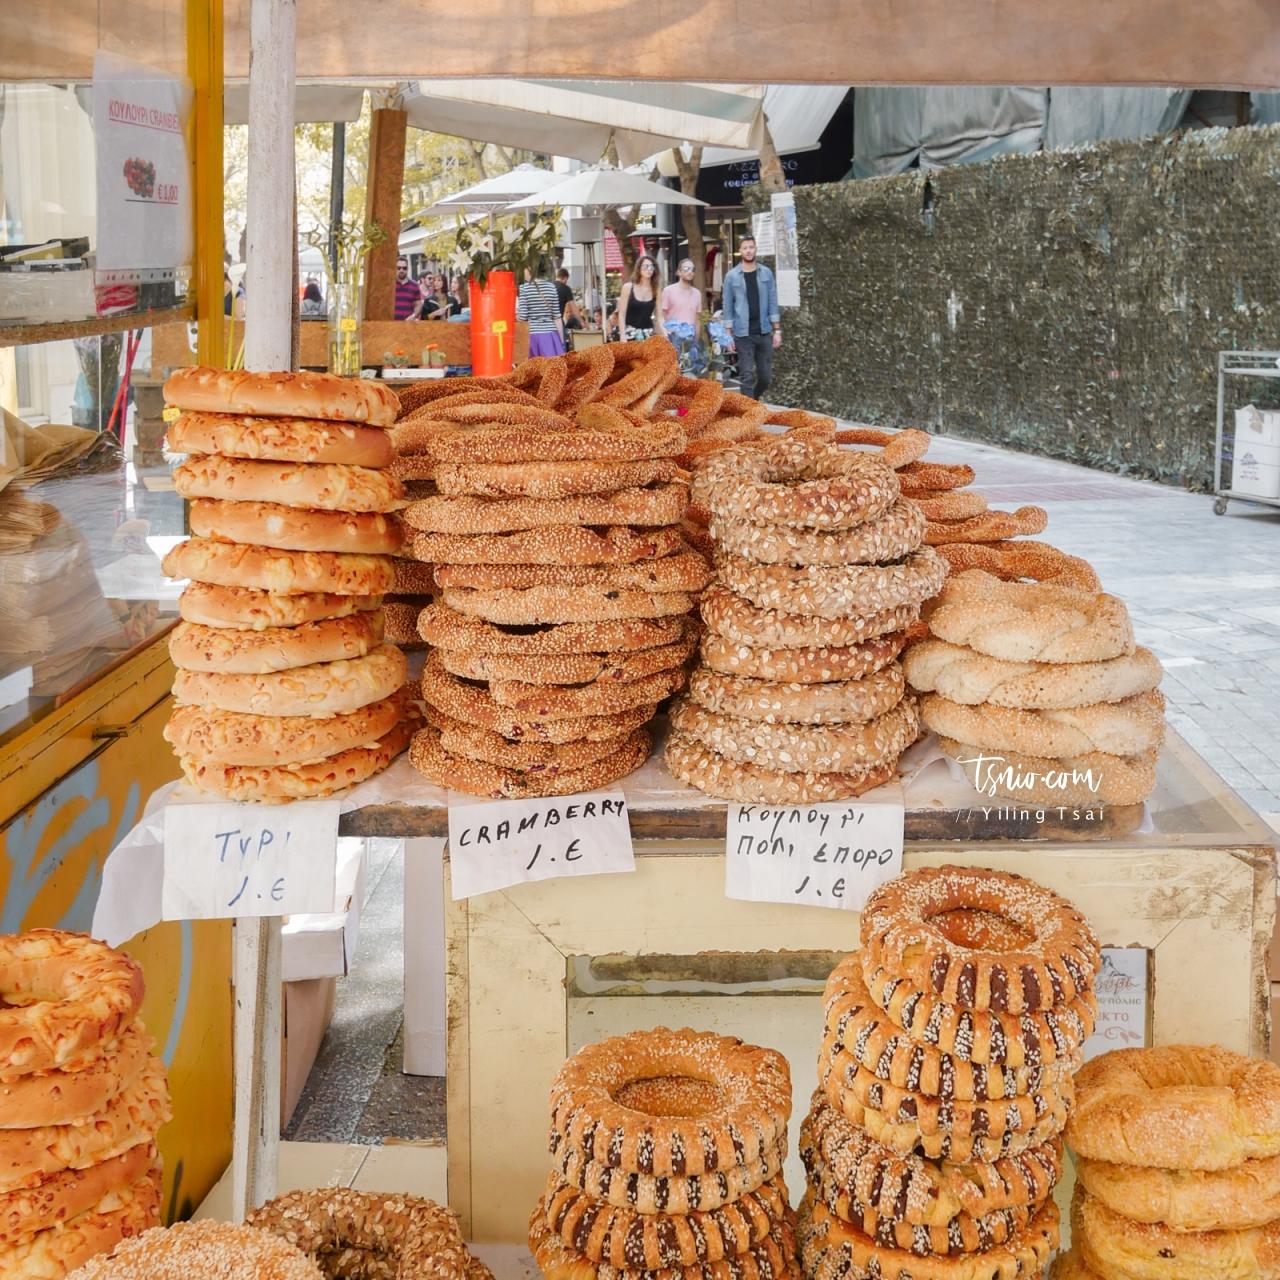 希臘傳統美食 Koulouri 希臘芝麻餅甜甜圈 雅典街頭小吃